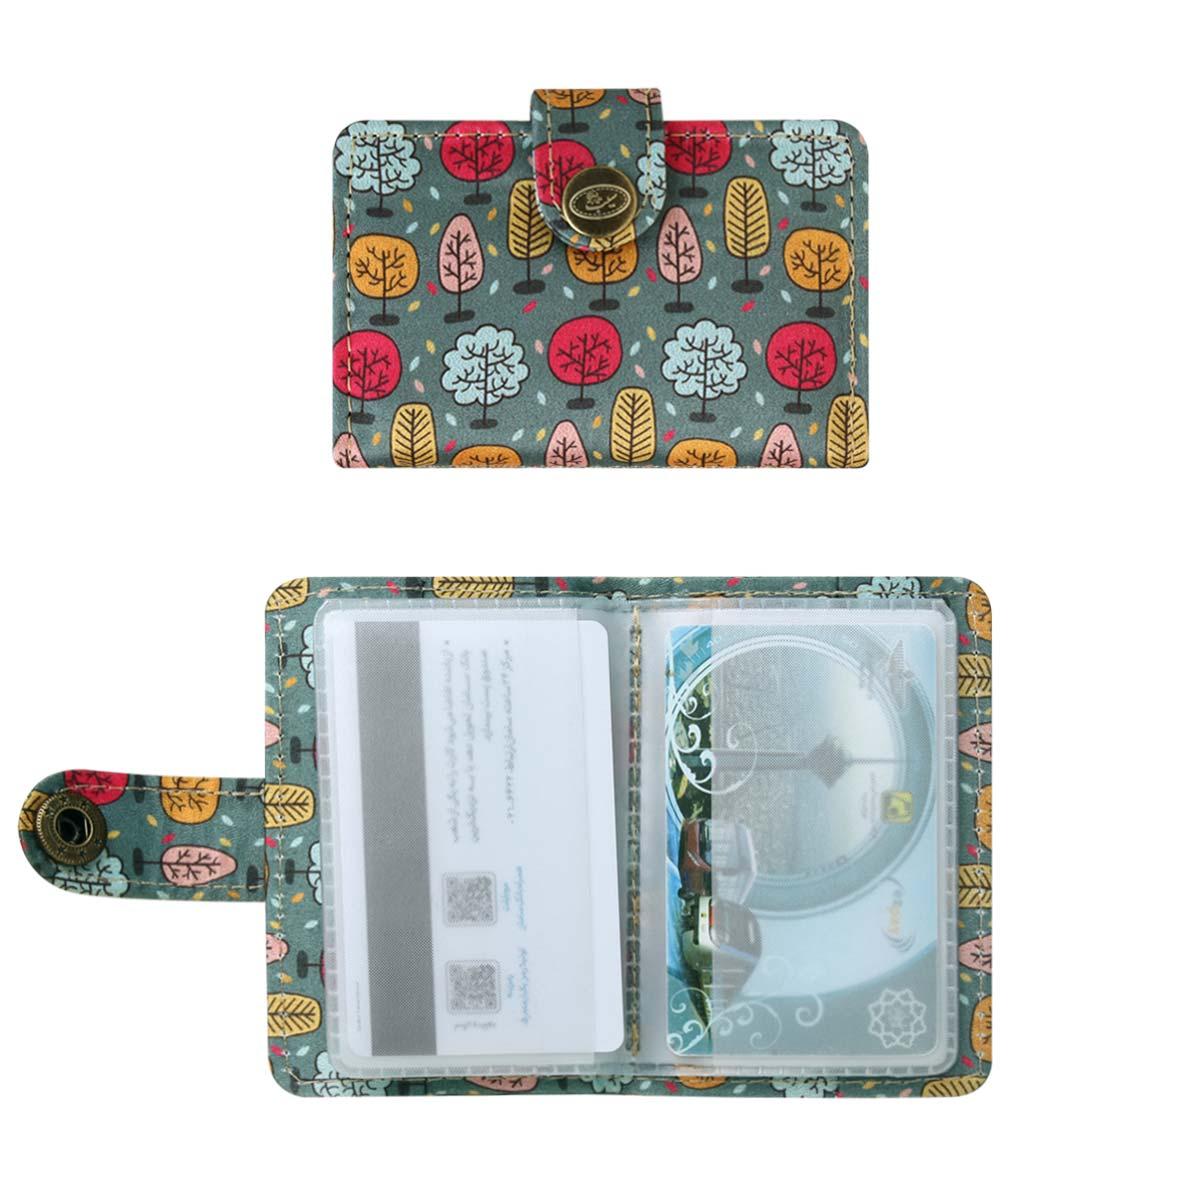 جاکارتی دکمه دار با جلد پارچه ای jc61